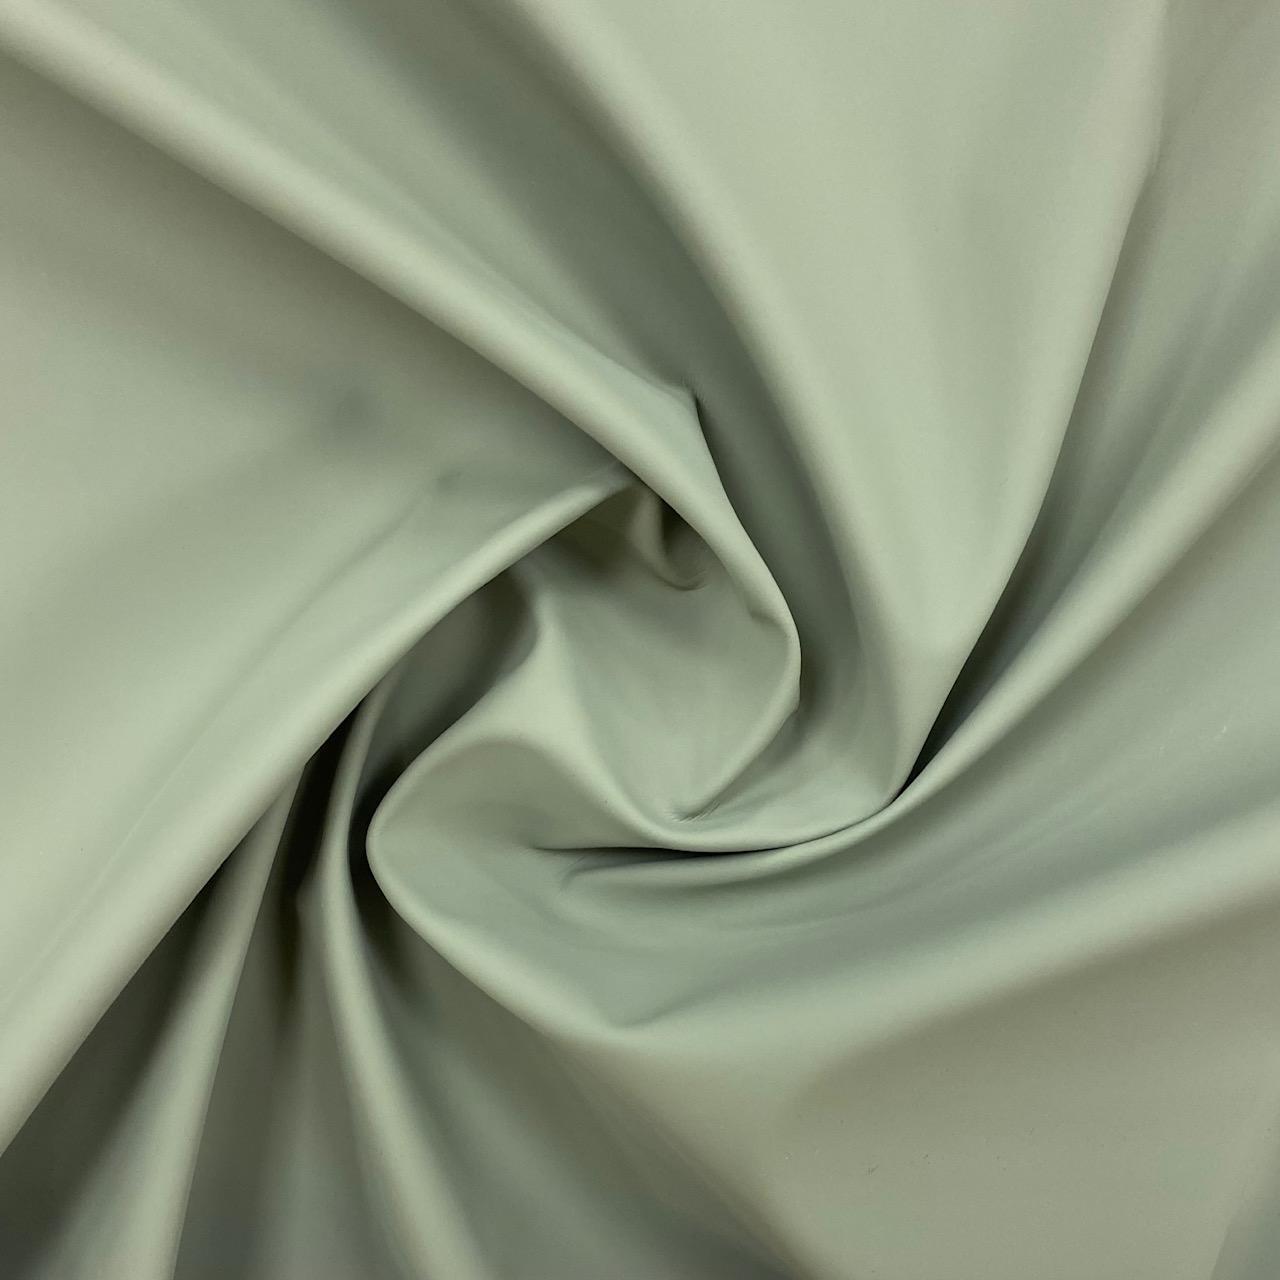 Regenjackenstoff, graugrün. Art. 130631.02